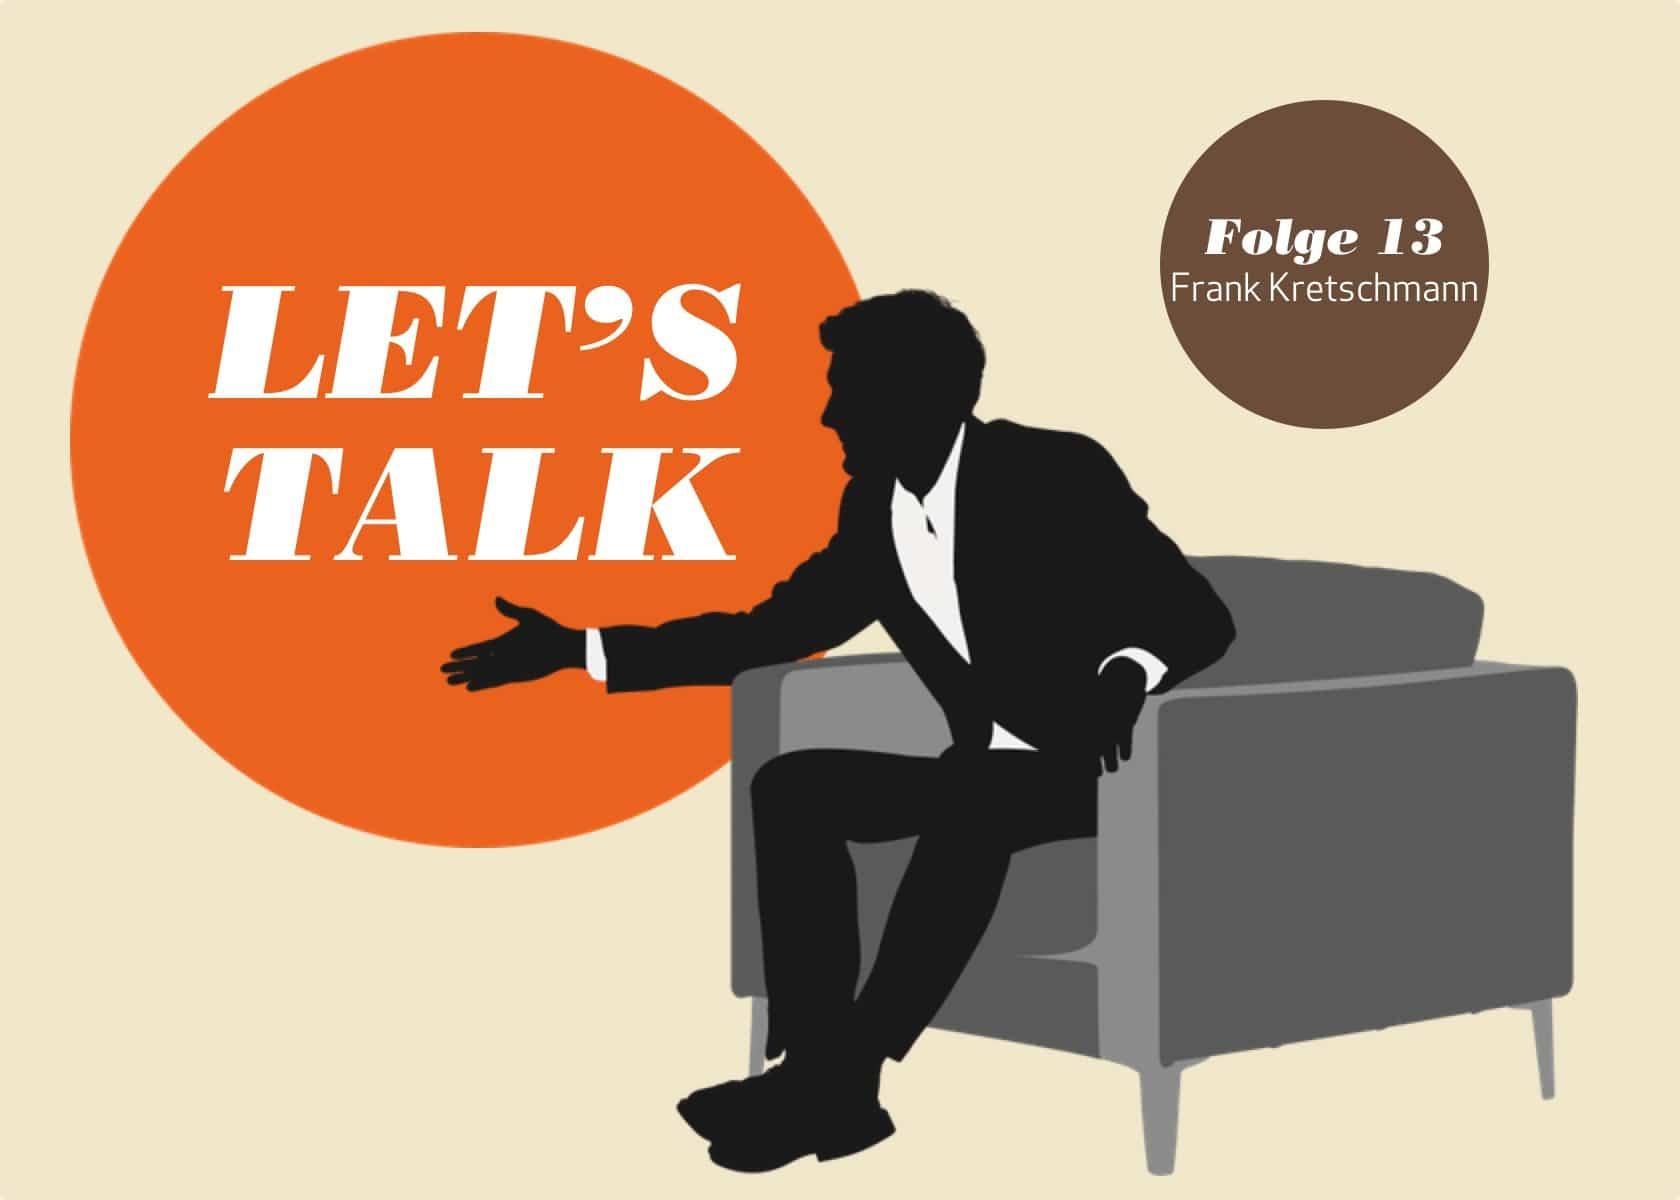 Let's Talk –Folge 13: Frank Kretschmann